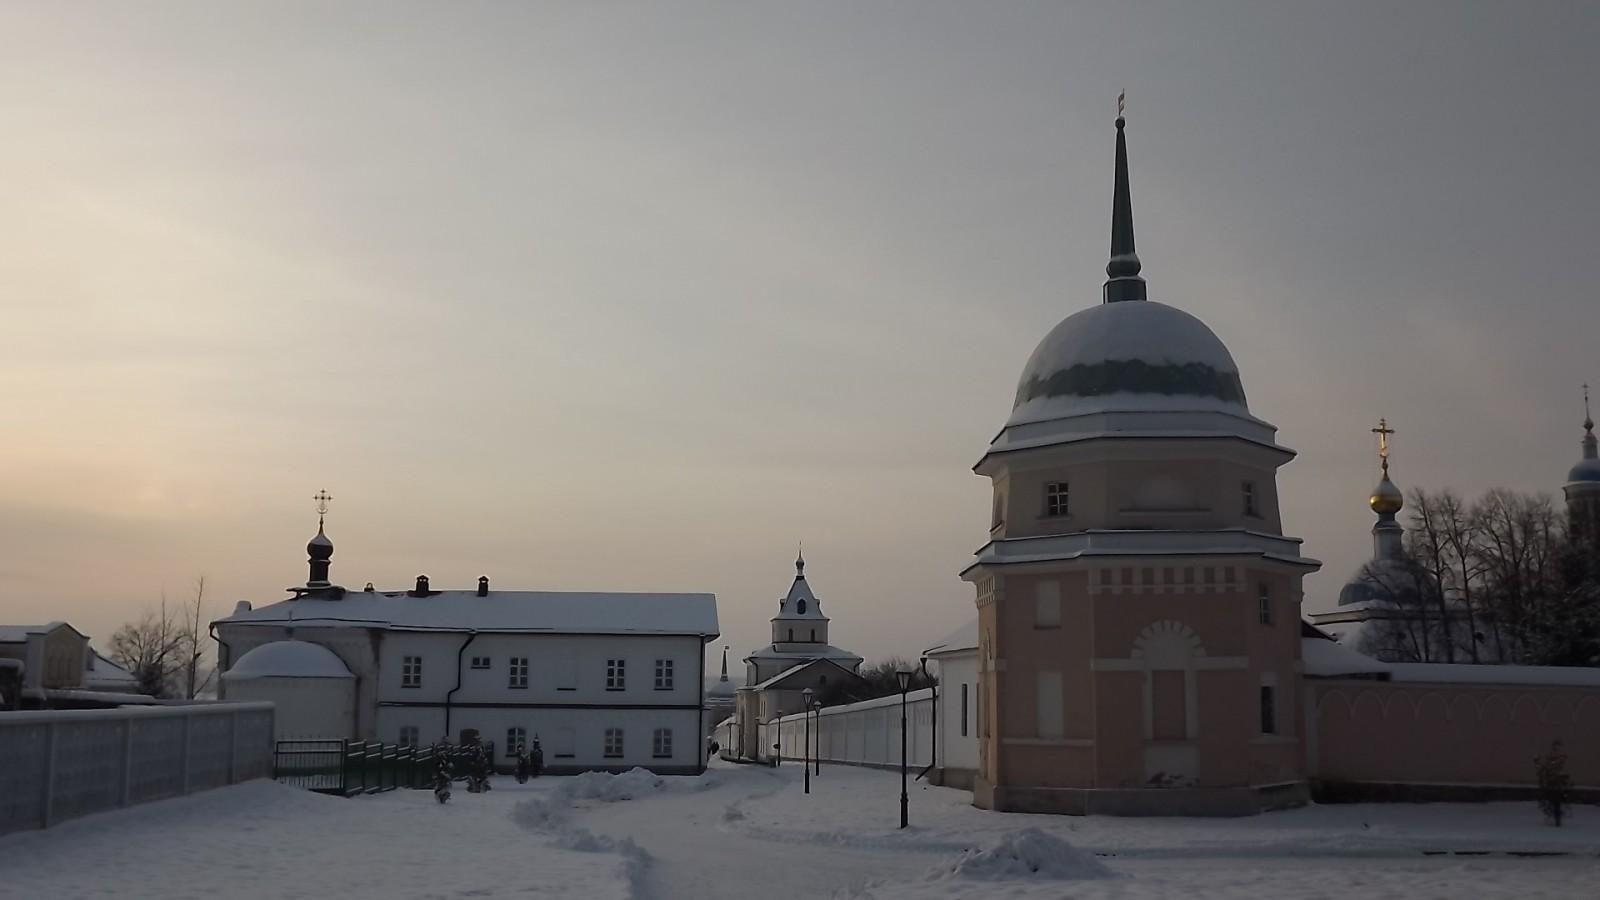 Лазаретная башня